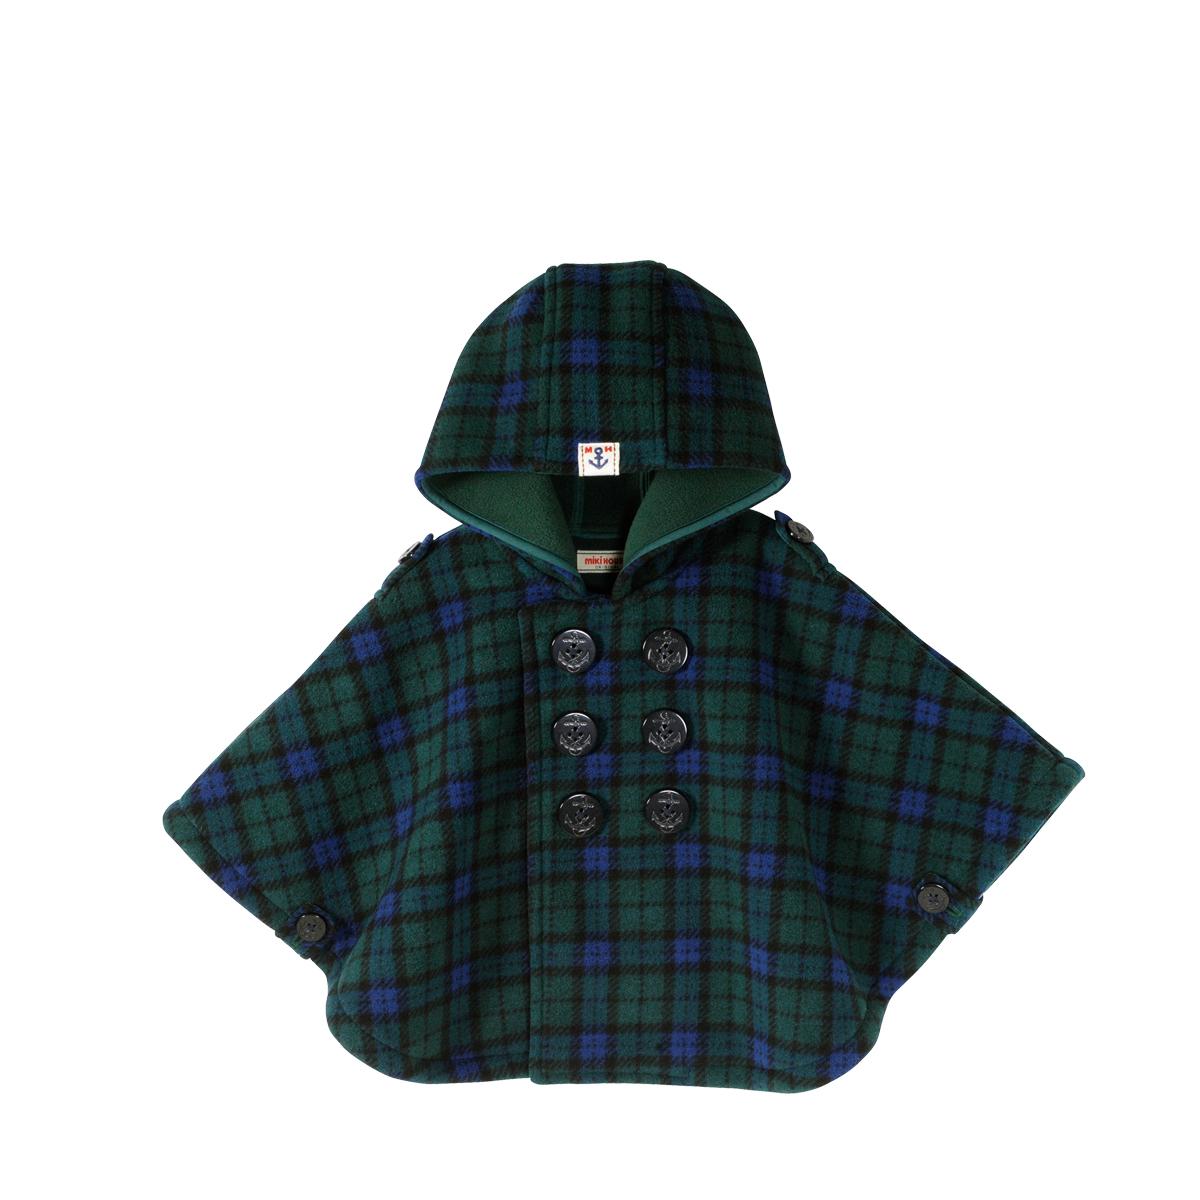 【ミキハウス】タータンチェック☆フリースマント〈フリー(70-90cm)〉(13-3801-974)[MIKIHOUSEのベビー服]日本製